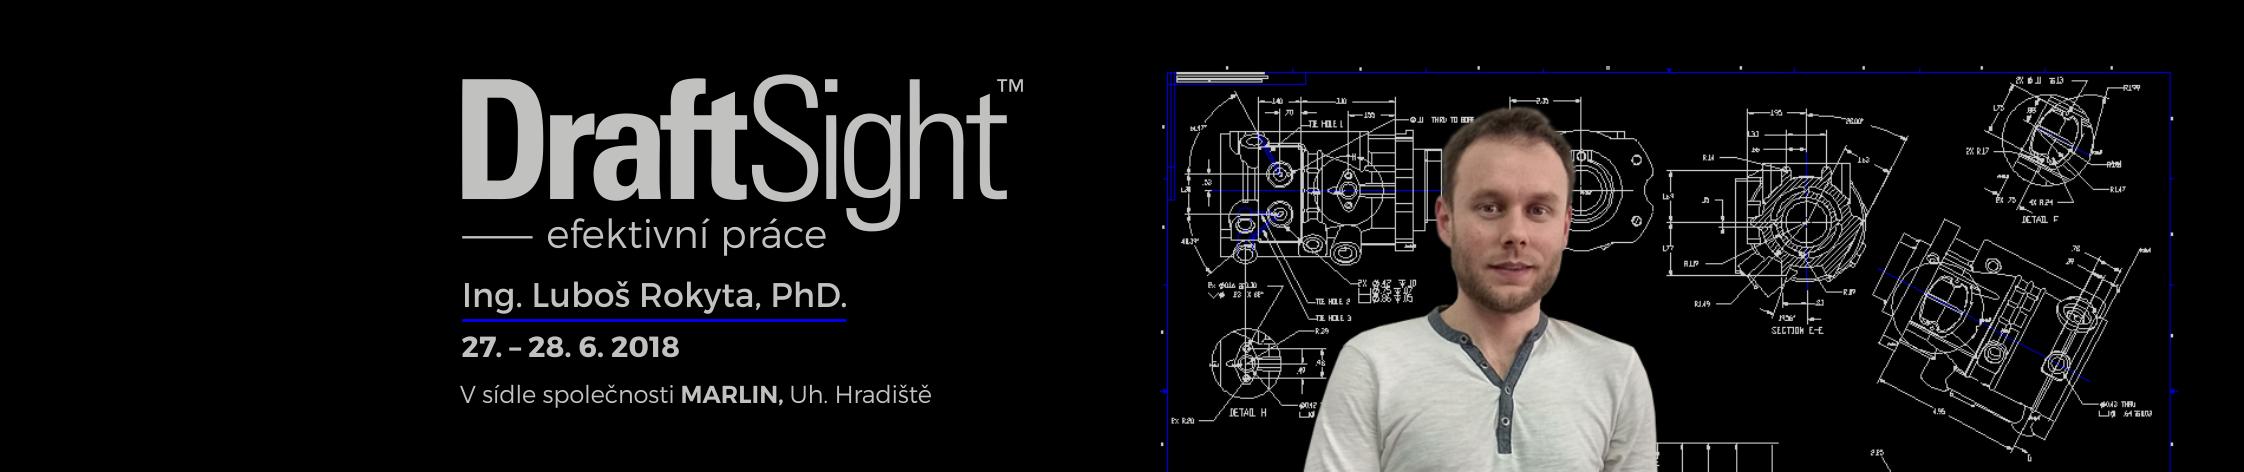 DraftSight - efektivní práce